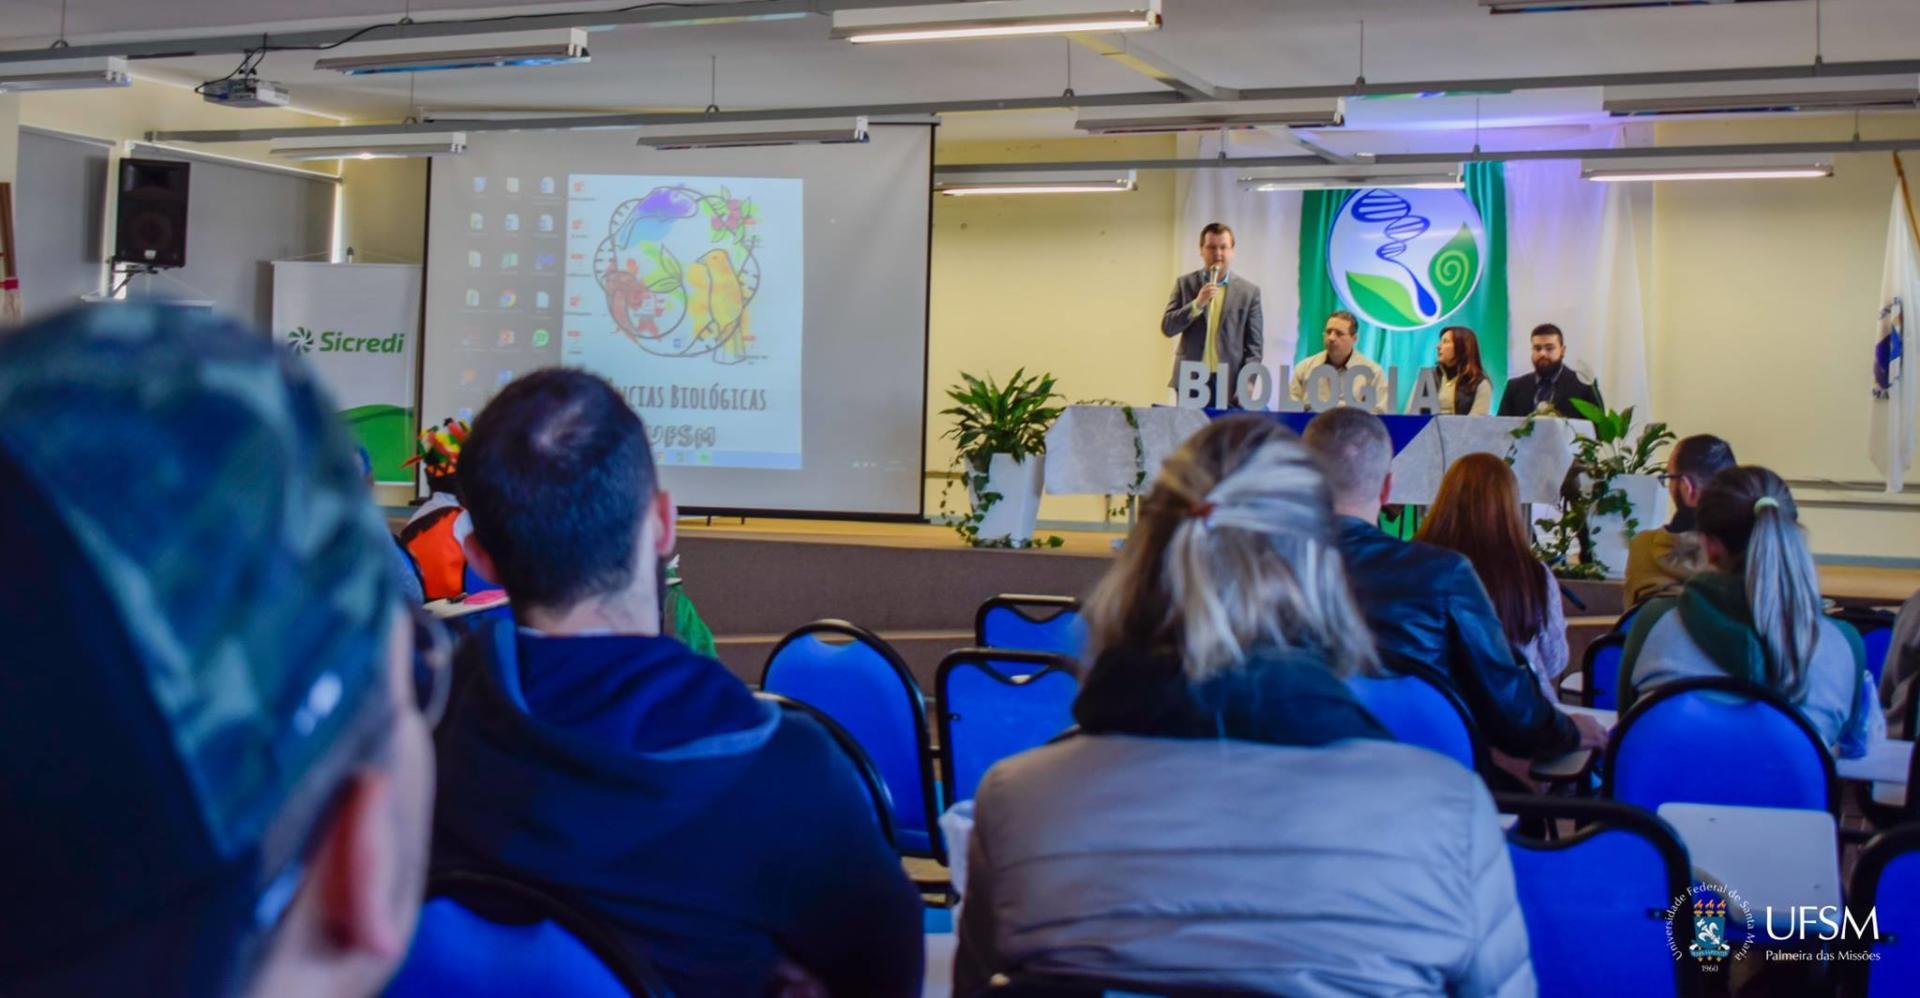 Imagem mostra um homem em pé, ao microfone, falando para pessoas em um auditório